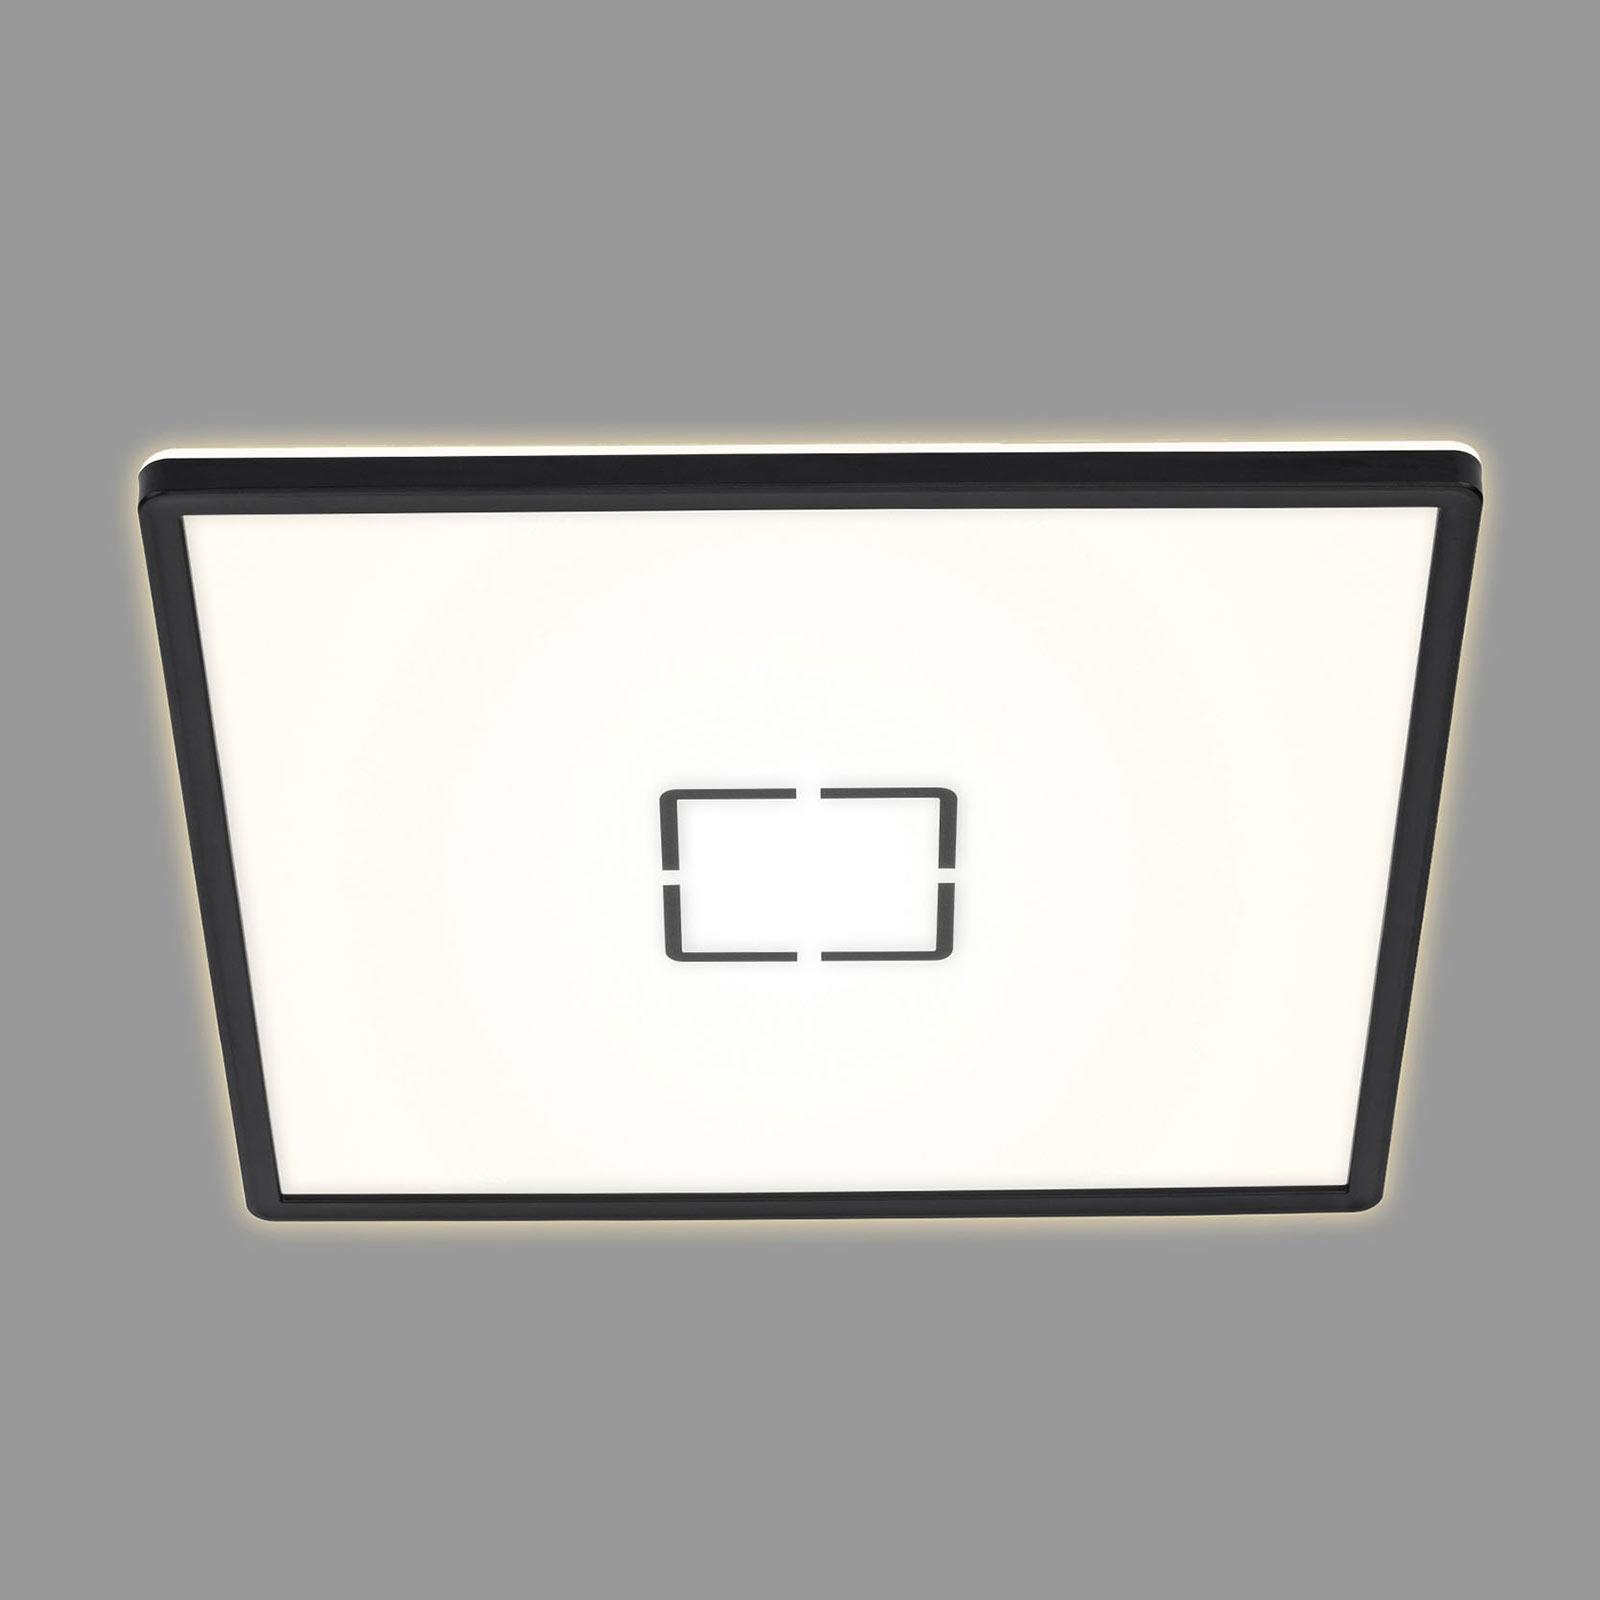 LED-taklampe Free 42 x 42 cm, svart